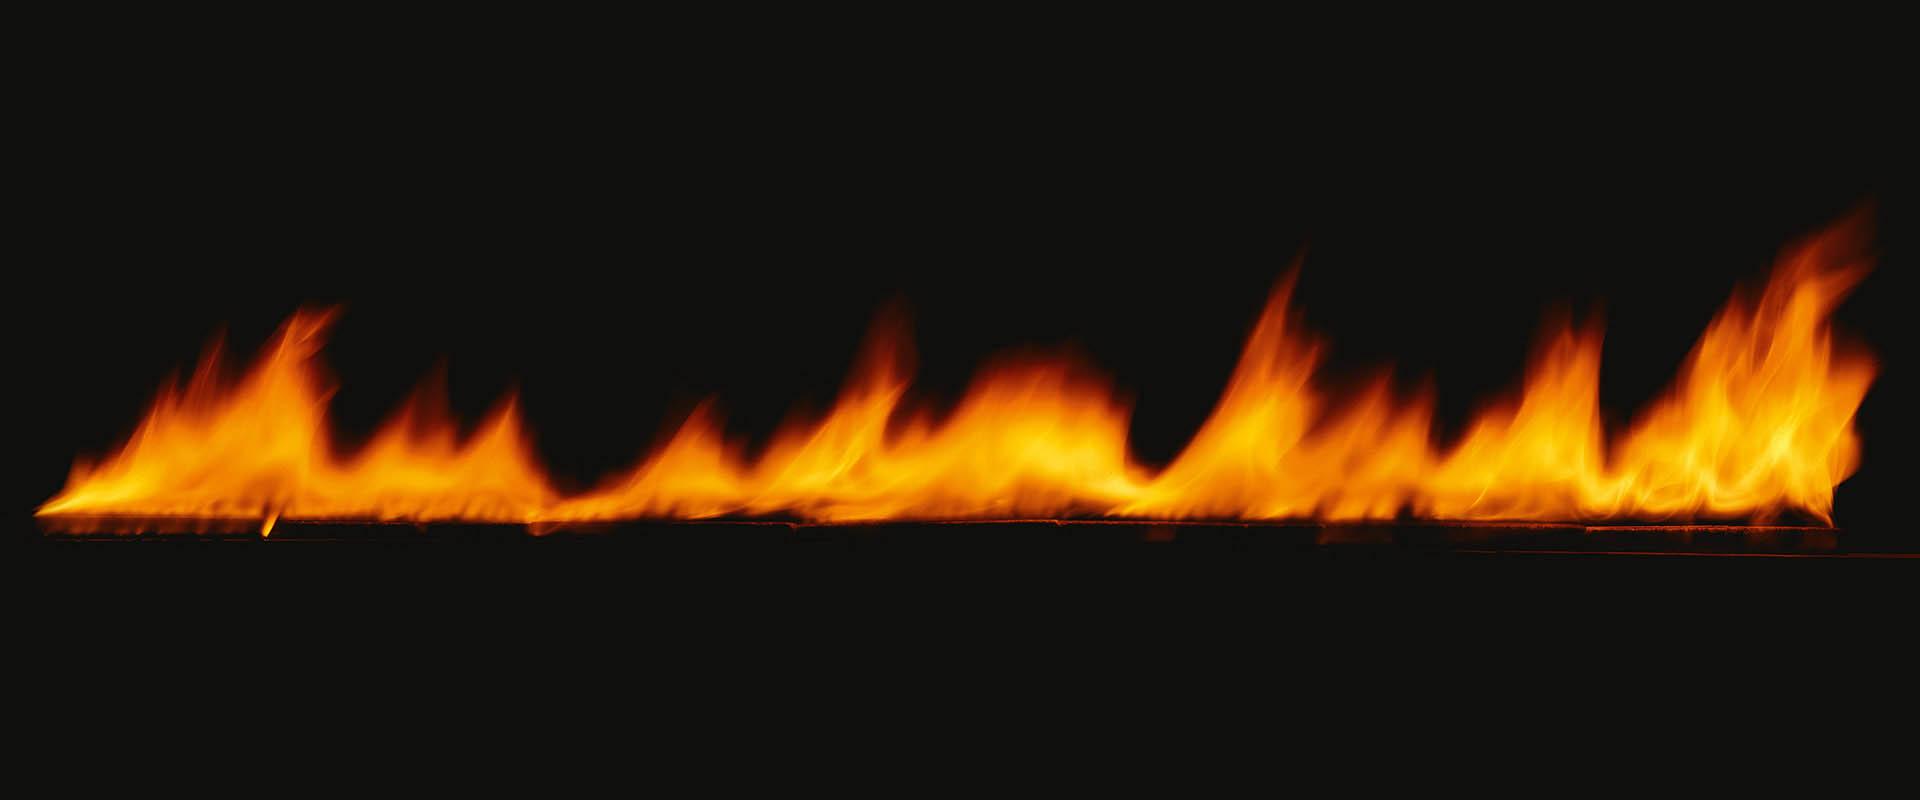 Startseite_Feuer_1920x800